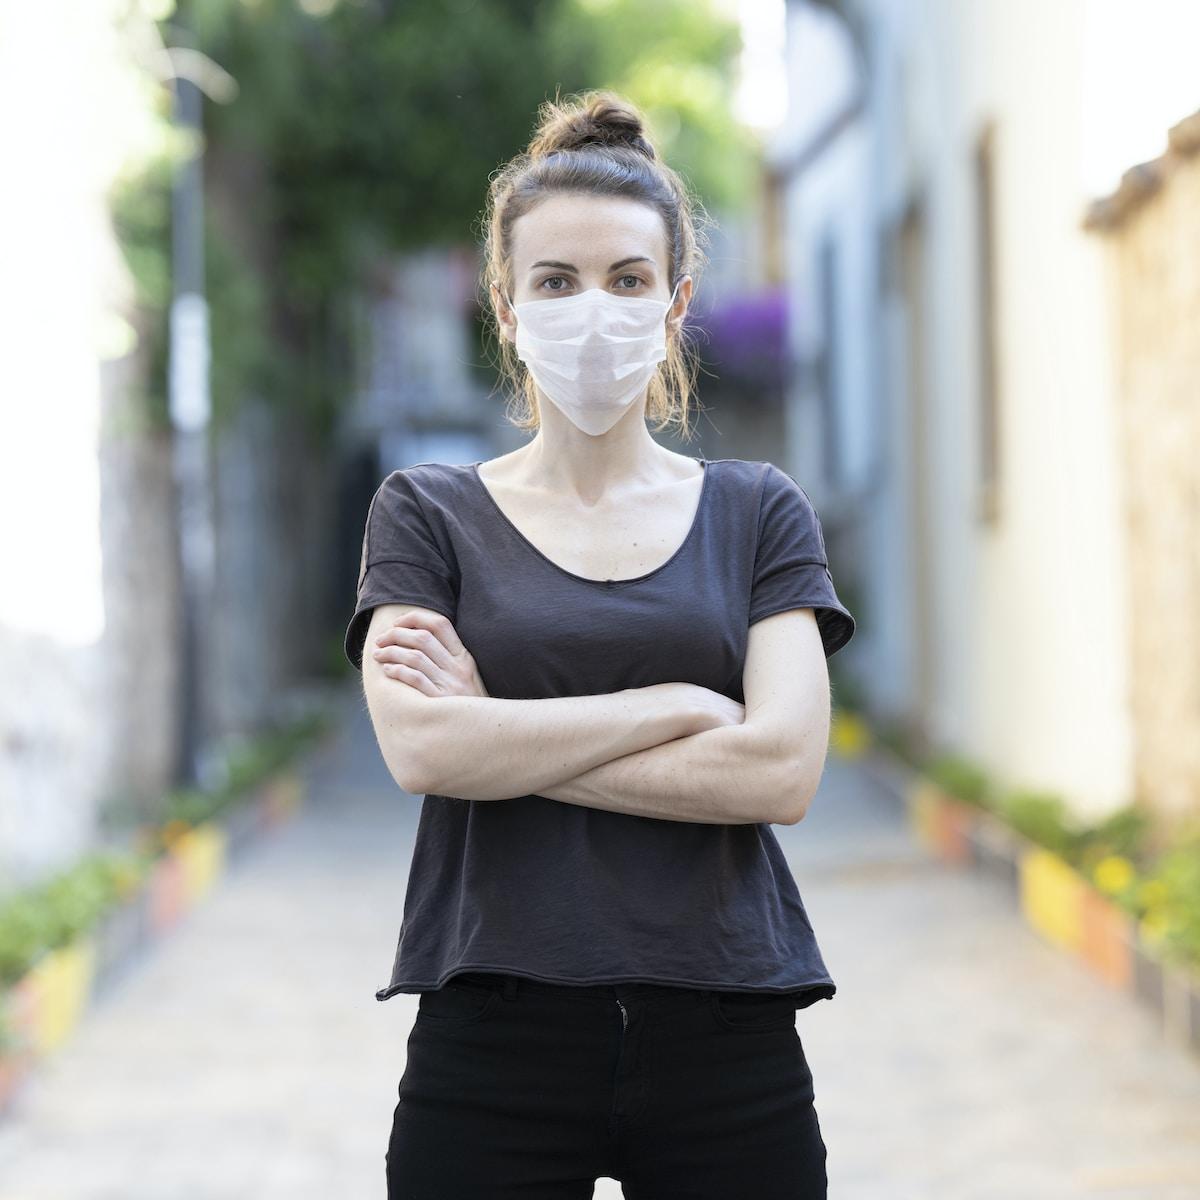 Mujer con mascarilla / coronavirus / covid-19/ vacuna